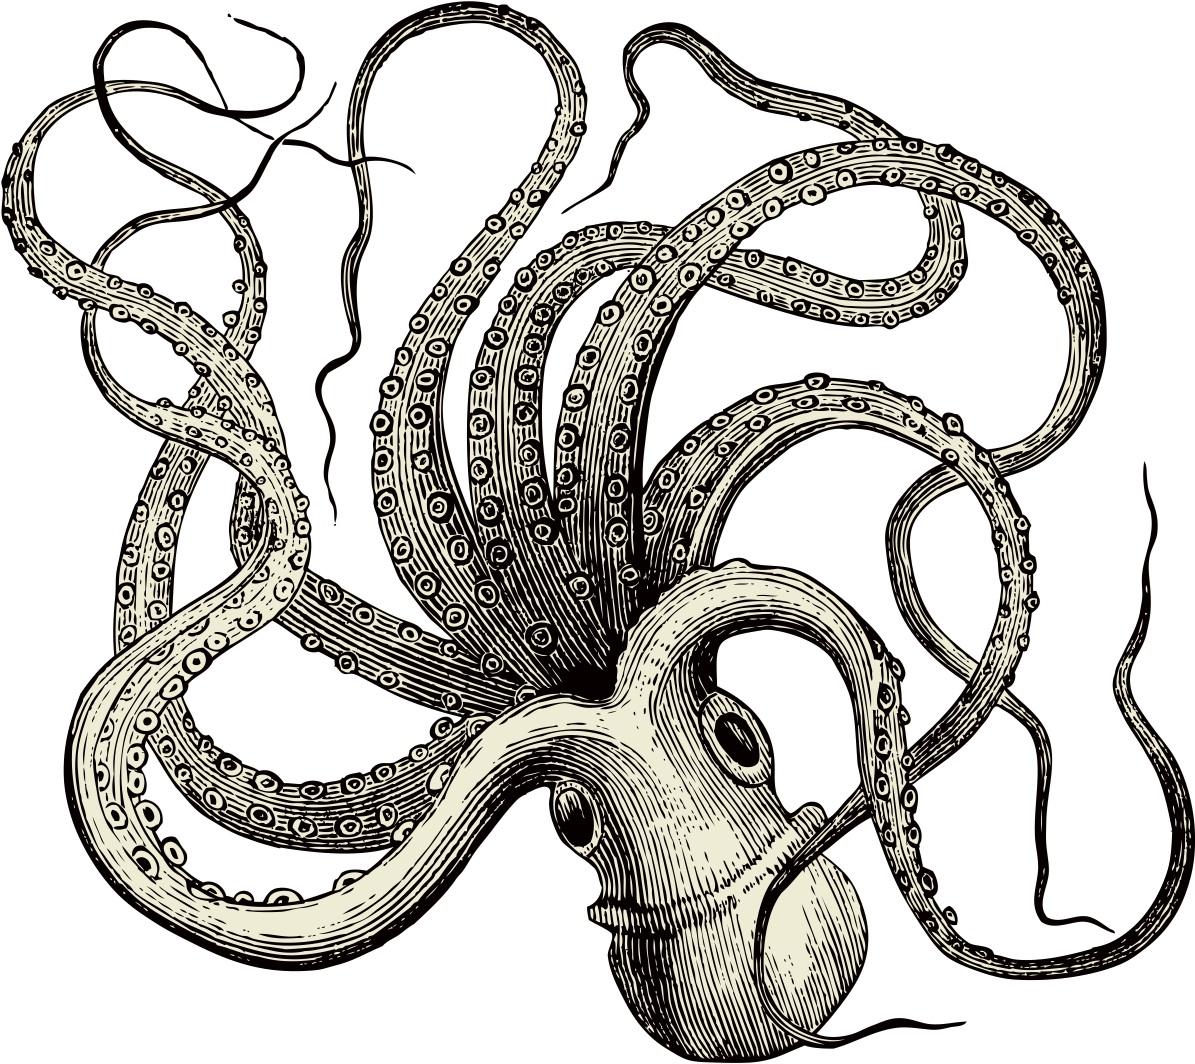 octopus vulgaris   via Shutterstock